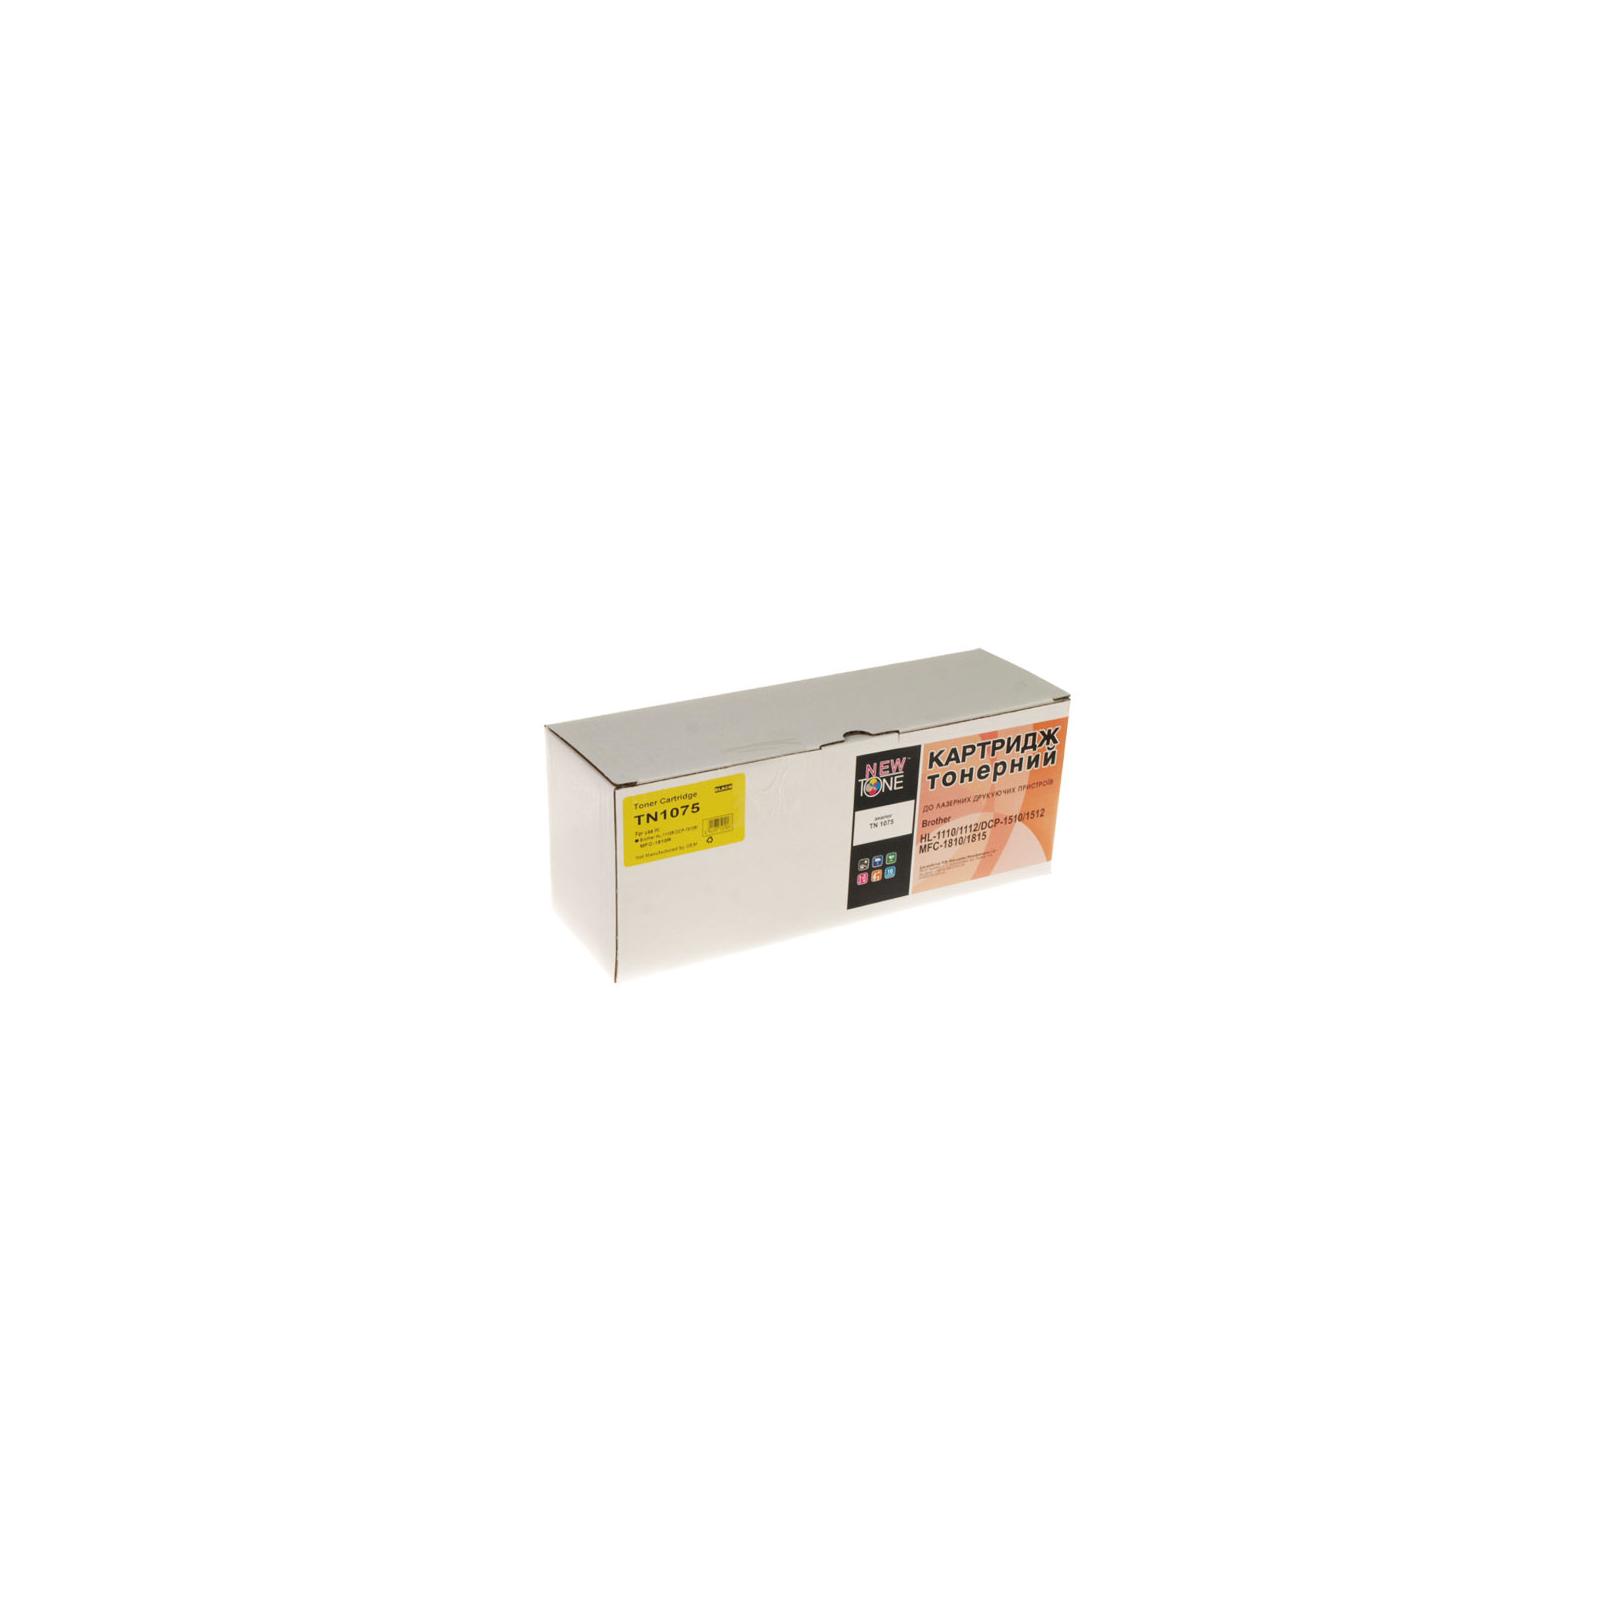 Картридж NewTone для BROTHER HL 1112R, DCP-1512 аналог TN1075 (TN1075E)